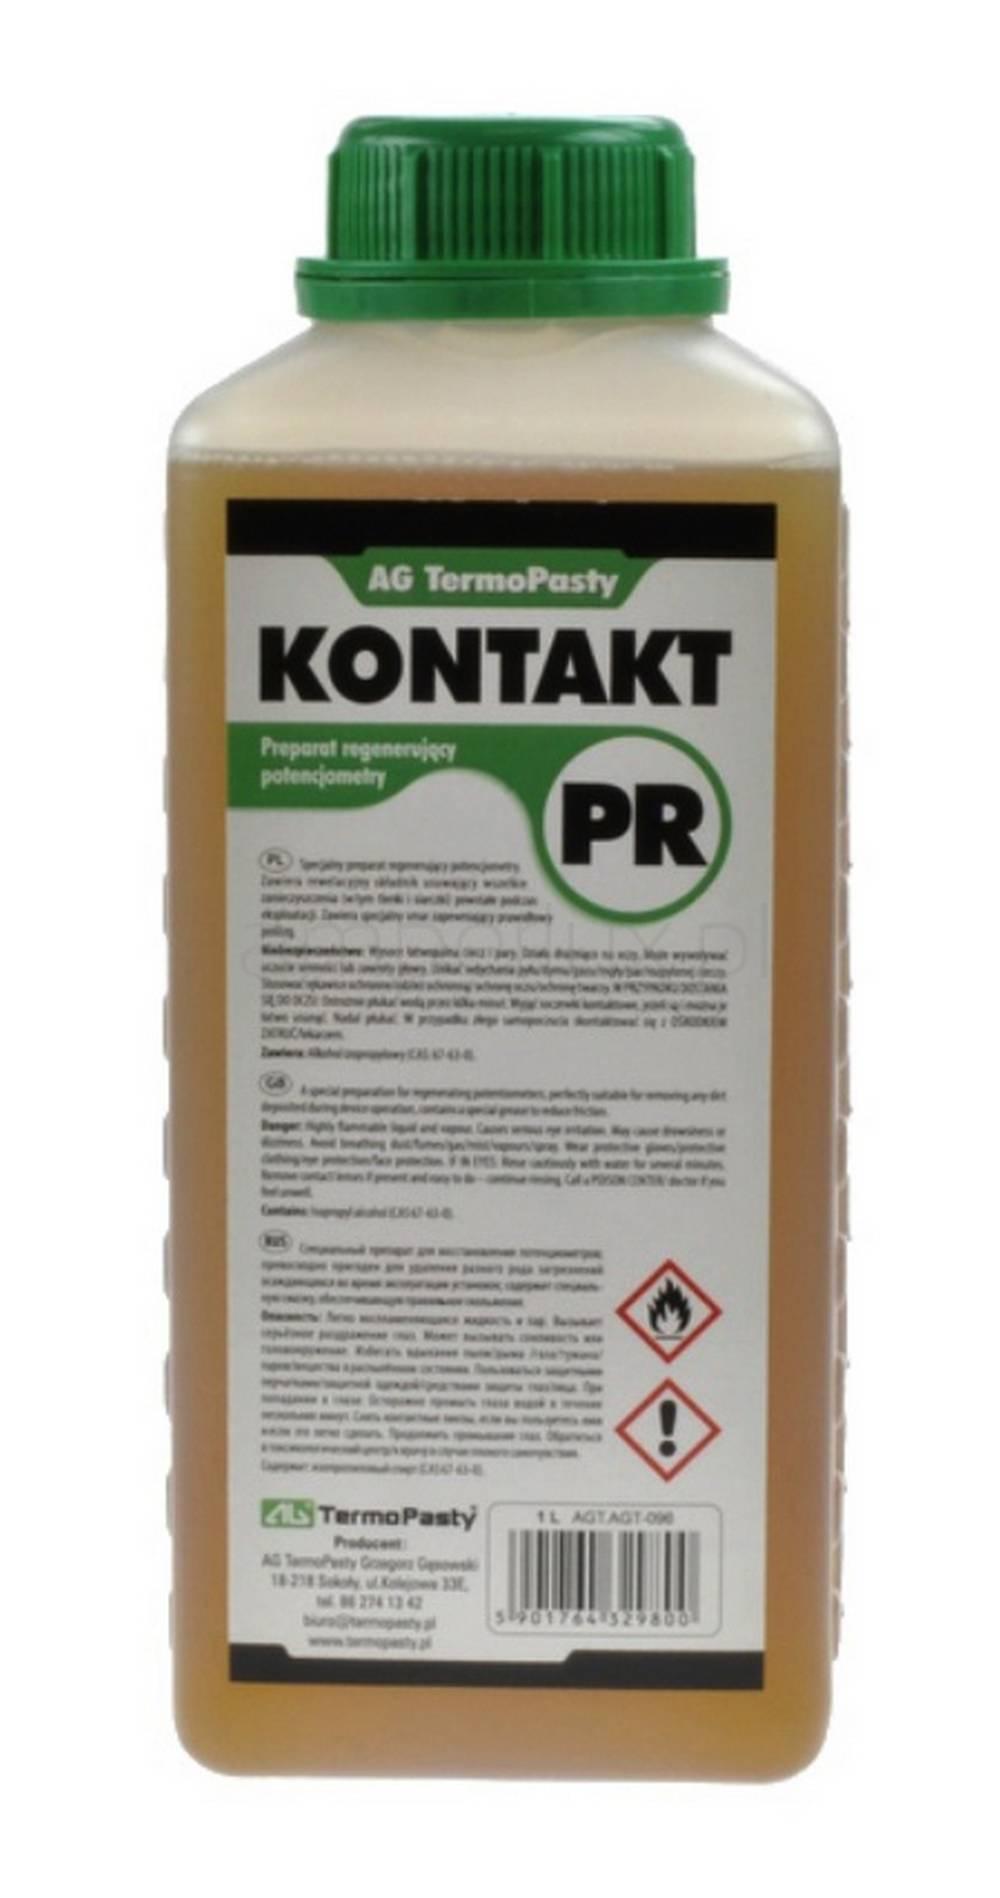 Καθαριστικό Ποτενσιόμετρων TermoPasty Kontakt PR 1Λ Κατάλληλο για Καθαρισμό και Συντήρηση των Ποτενσιόμετρων